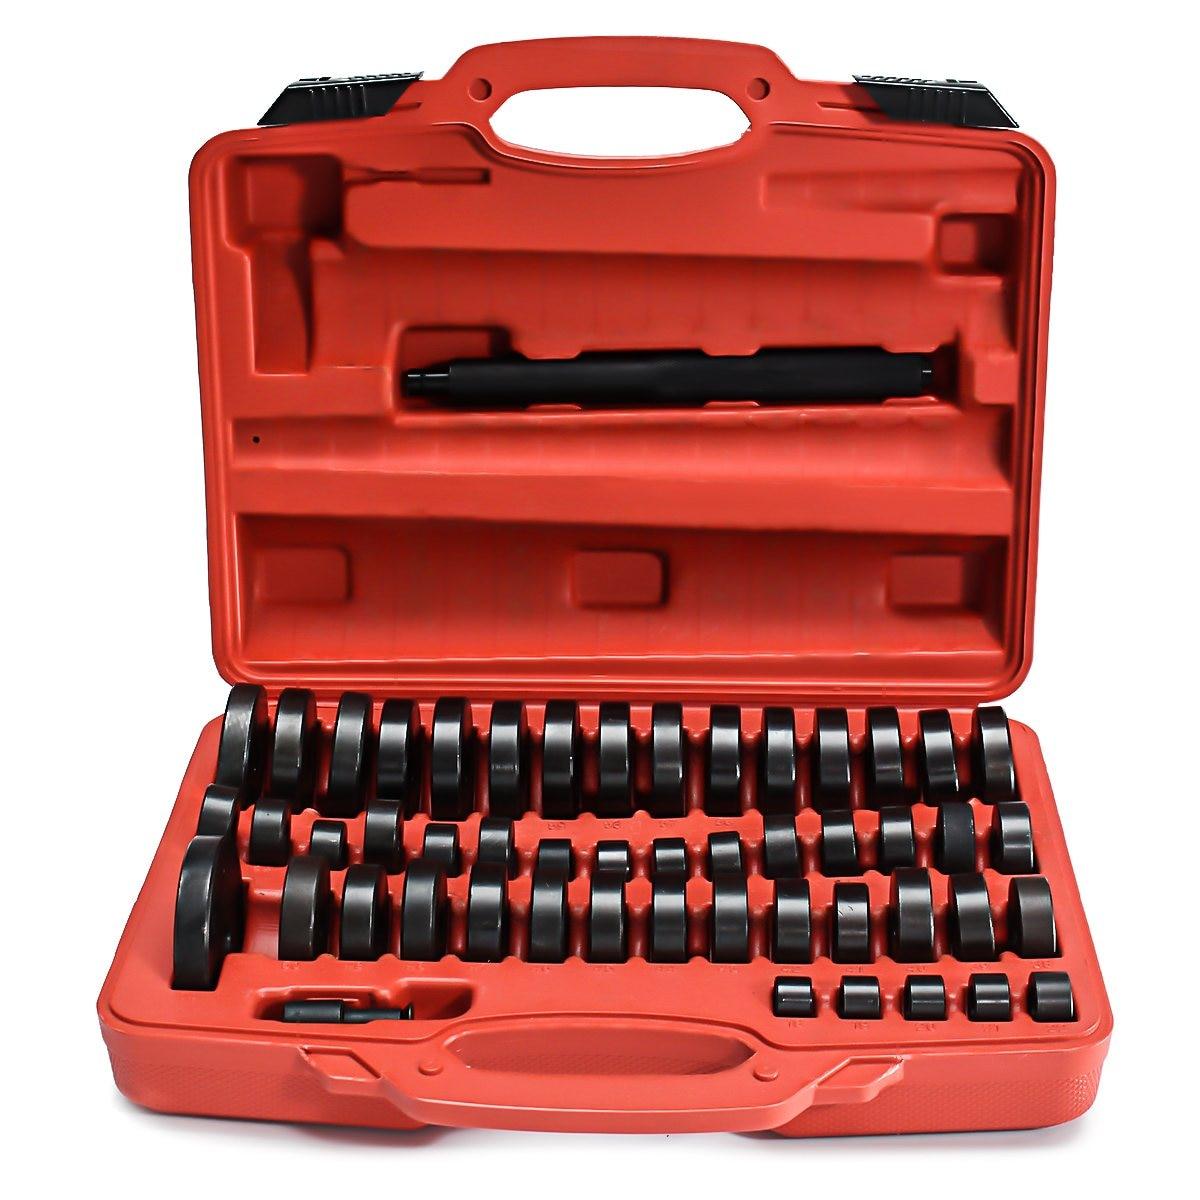 51 шт./компл. уплотнение подшипника водитель нажмите Пресс диск инструмент для ремонта автомобиля изготовлен из специальной углеродистой Ст...